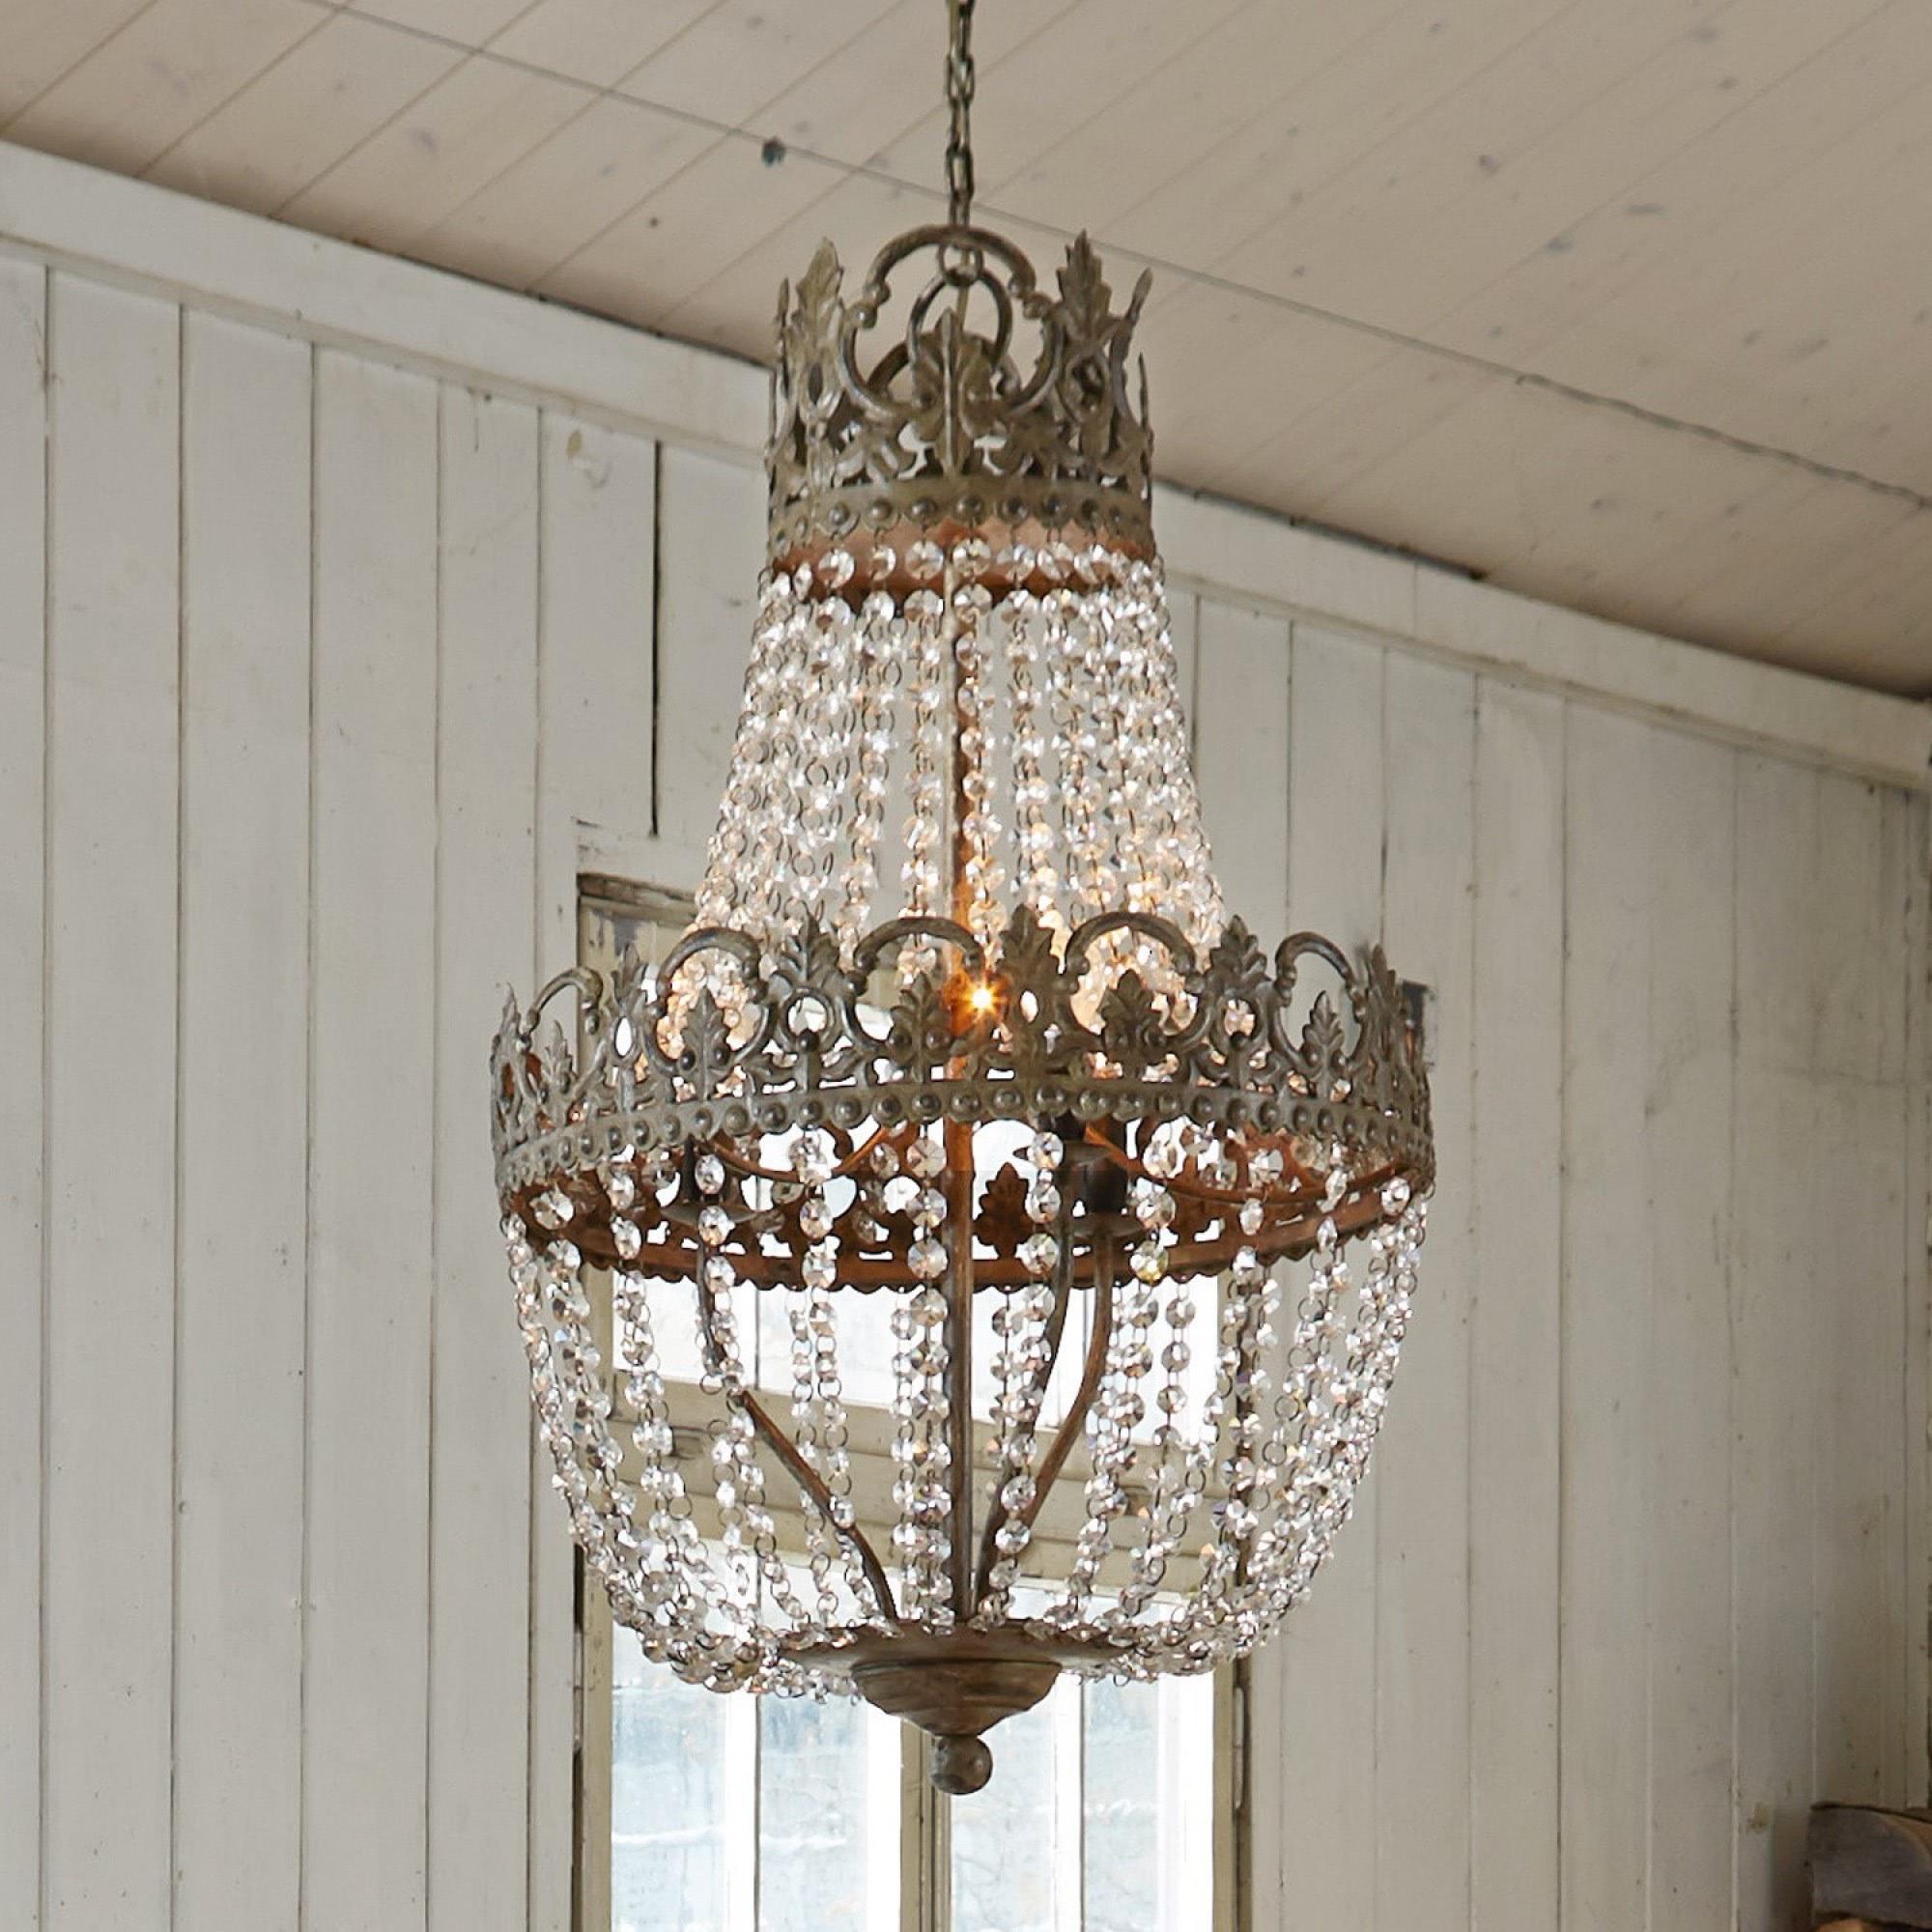 leuchter latilly loberon coming home. Black Bedroom Furniture Sets. Home Design Ideas